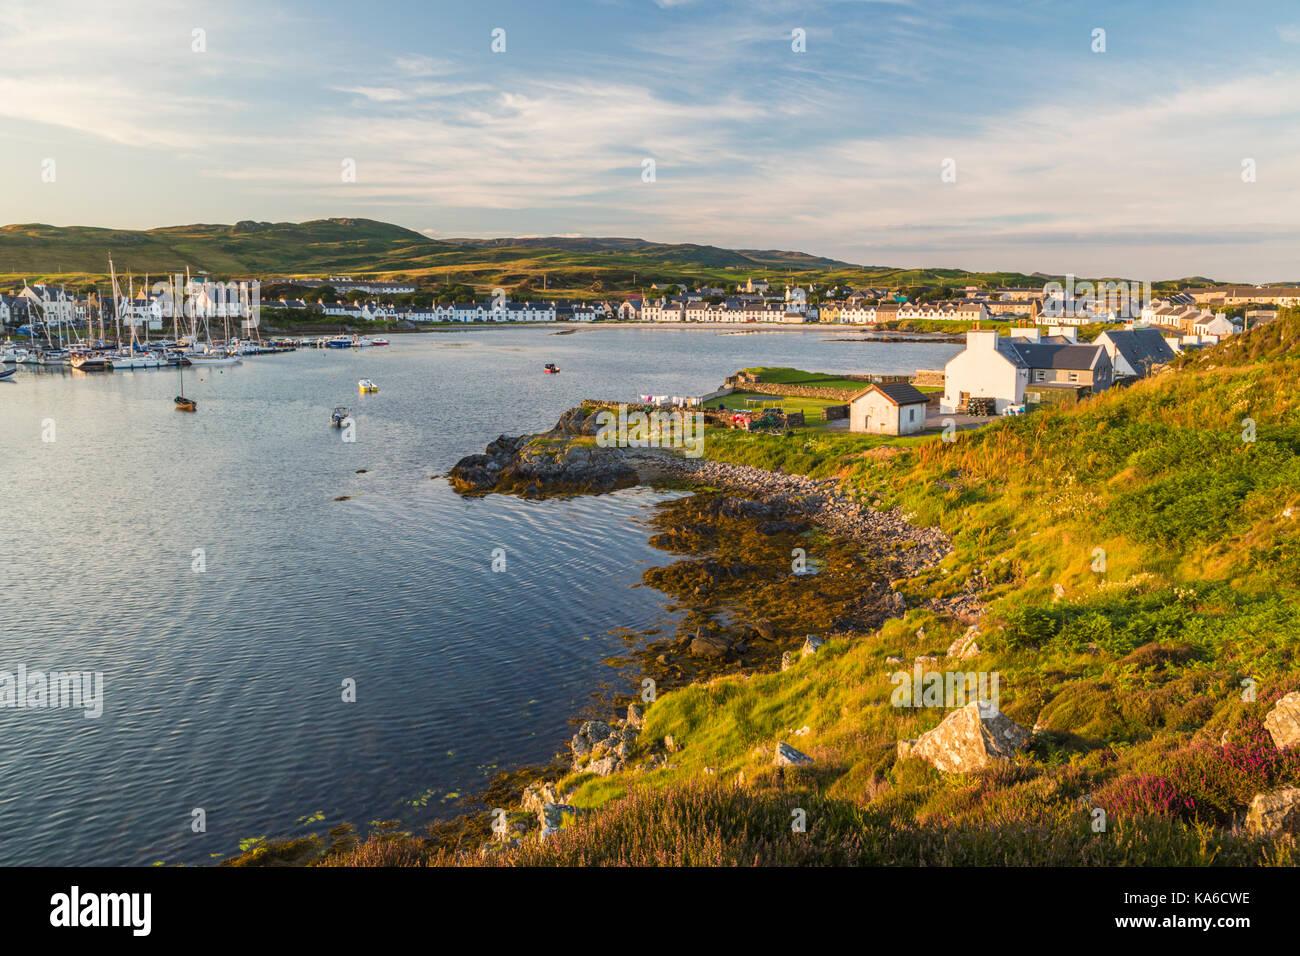 View over Port Ellen in evening light, Islay, Scottland - Stock Image